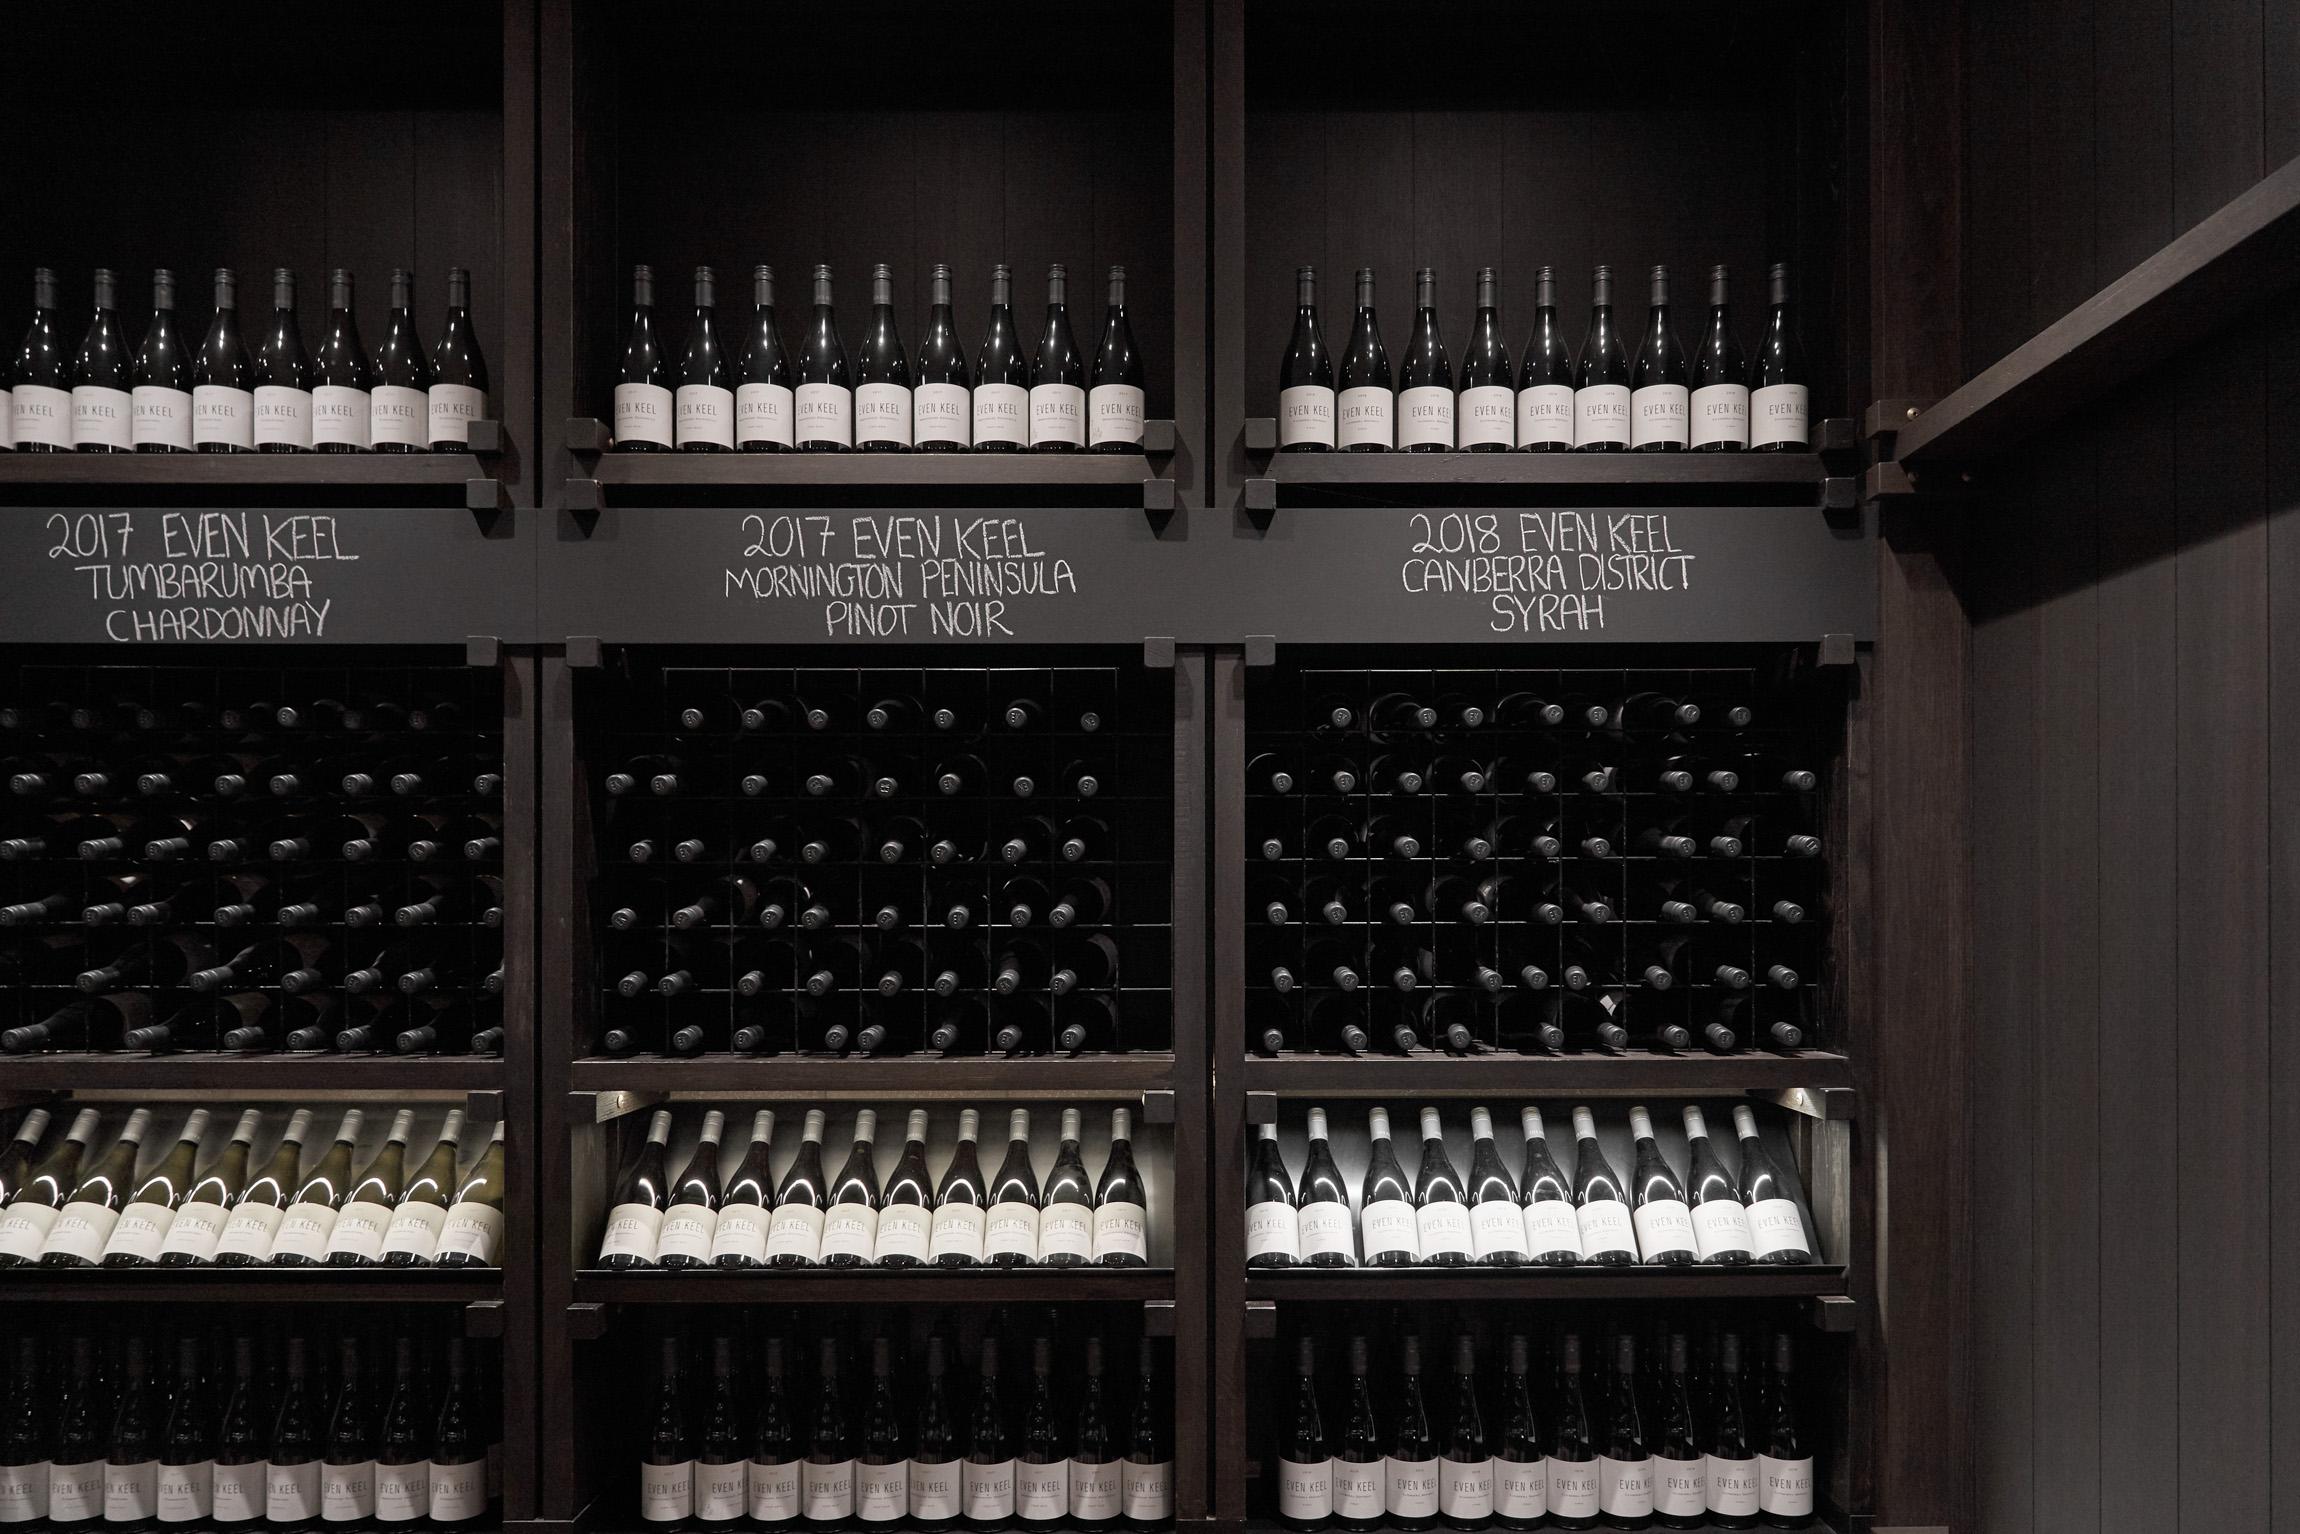 Polperro Winery Cellar Door Mornington Peninsula  - Best cellar doors Mornington Peninsula